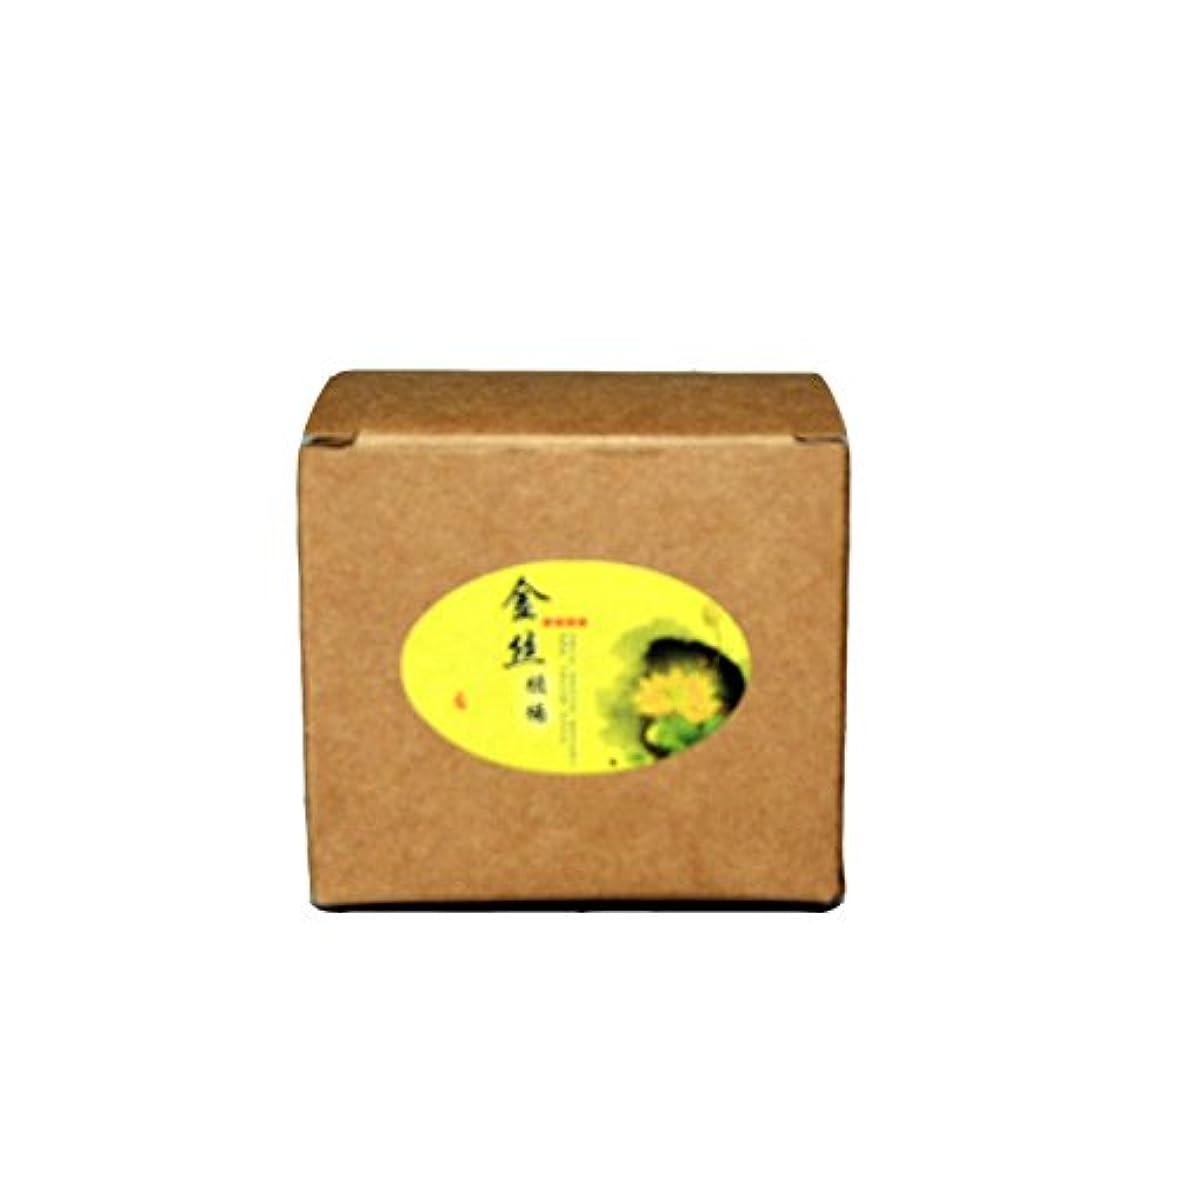 スリンクドロップ甥天然仏香; ビャクダン; きゃら;じんこう;線香;神具; 仏具; 一护の健康; マッサージを缓める; あん摩する